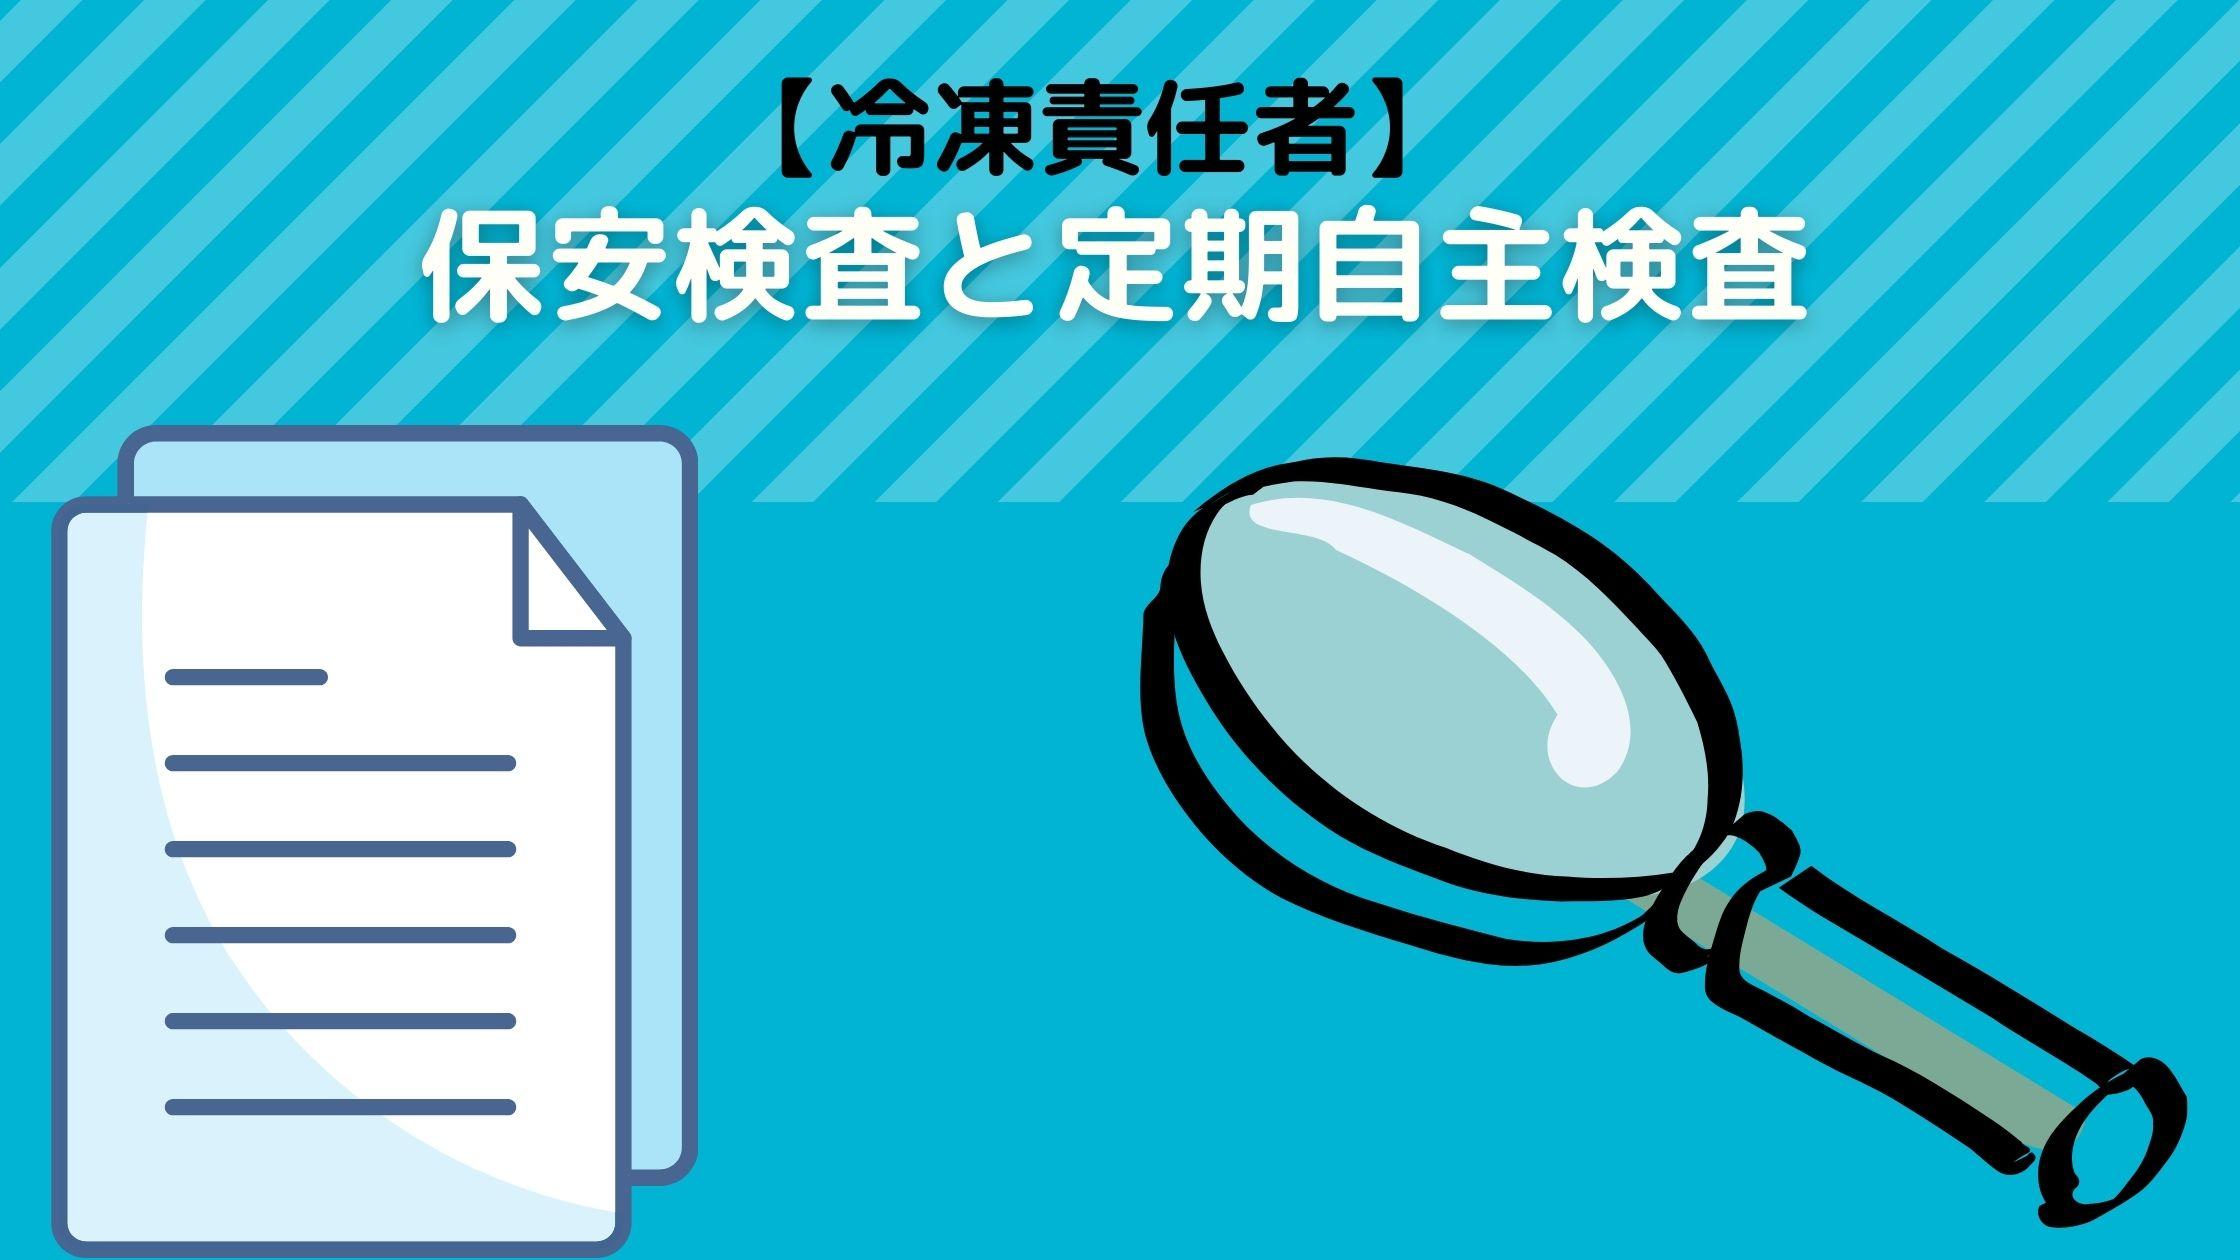 【冷凍機械責任者】保安検査と定期自主点検